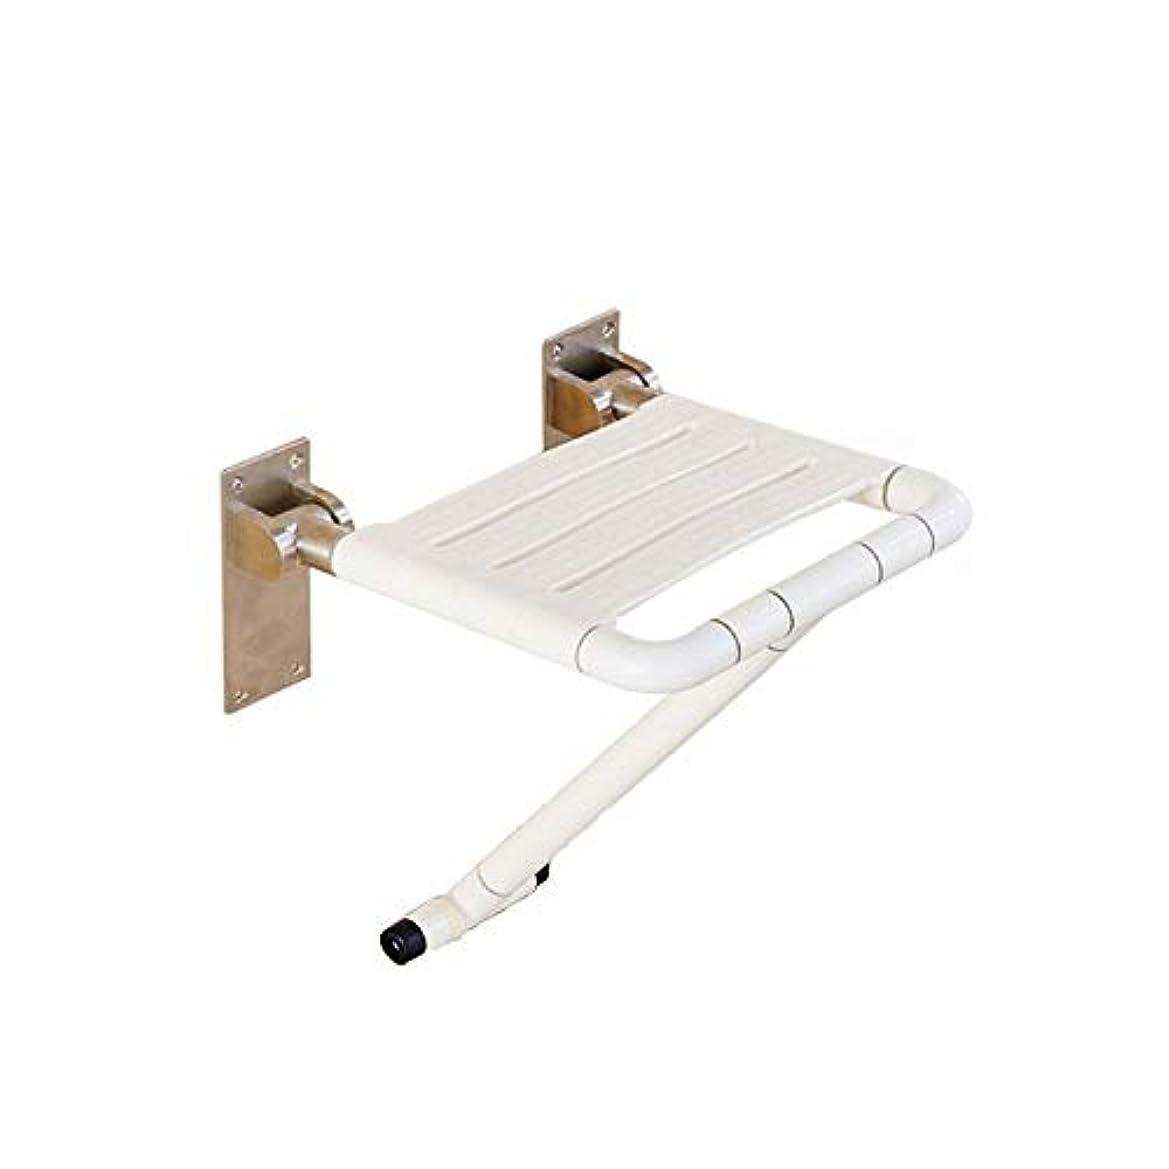 懐うがい机壁に取り付けられた折るシャワーの座席腰掛けの移動性の援助